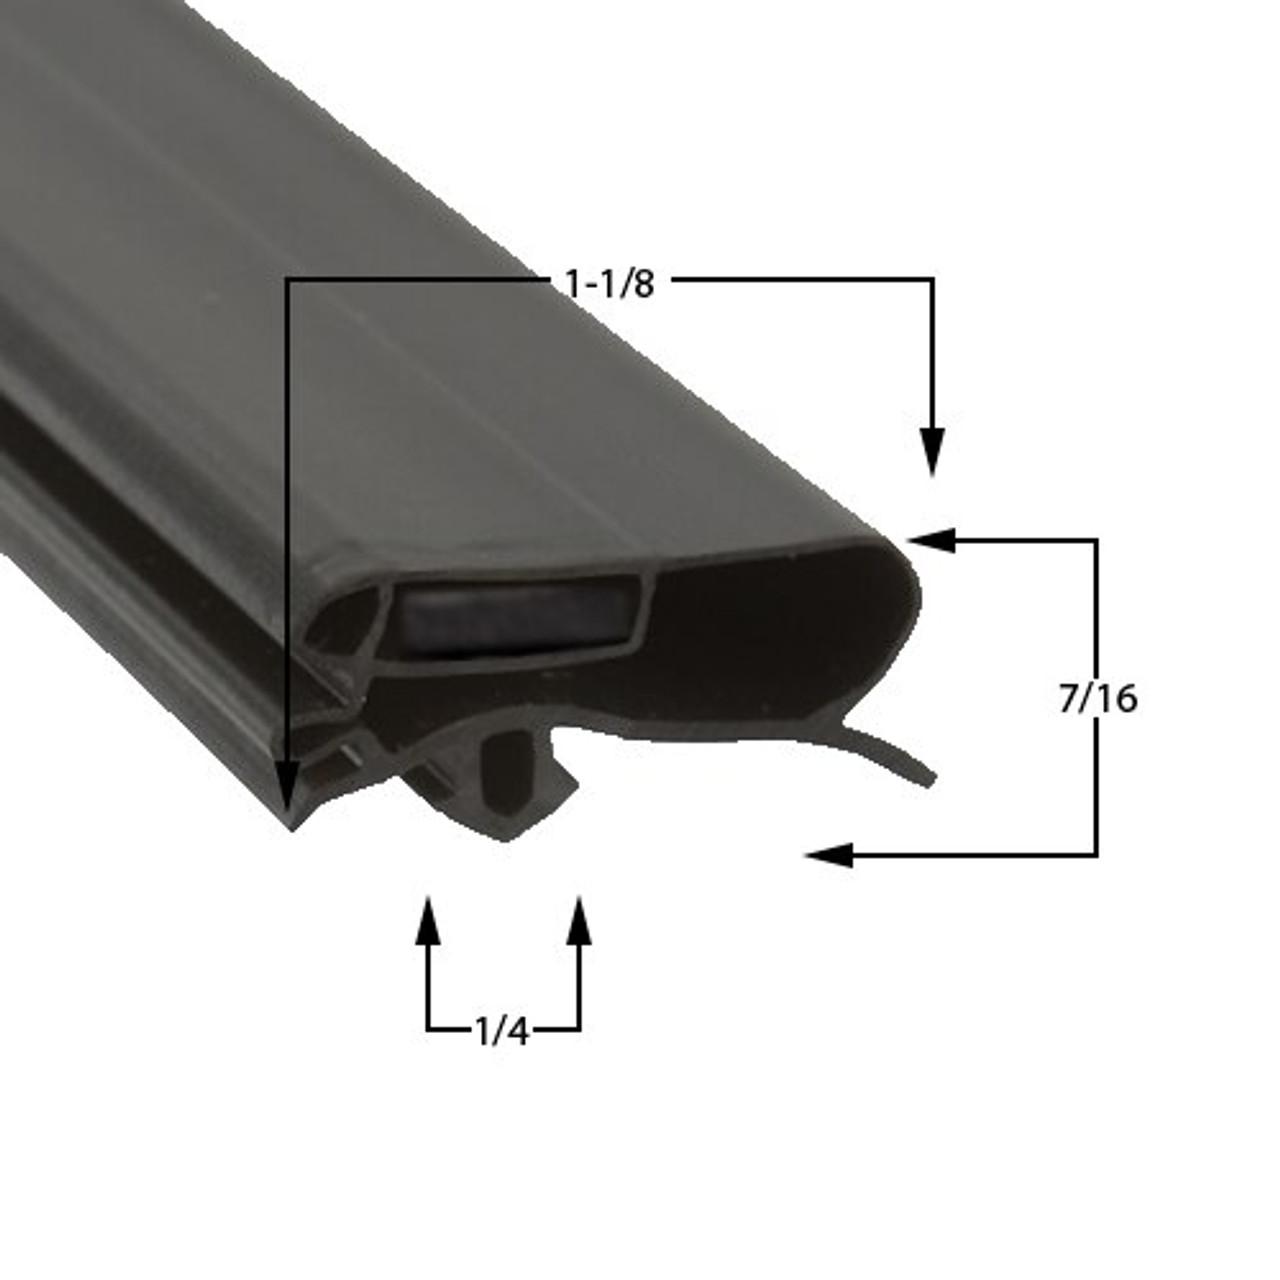 Zero Zone Door Gasket Profile 227 29 1/4 x 62-2